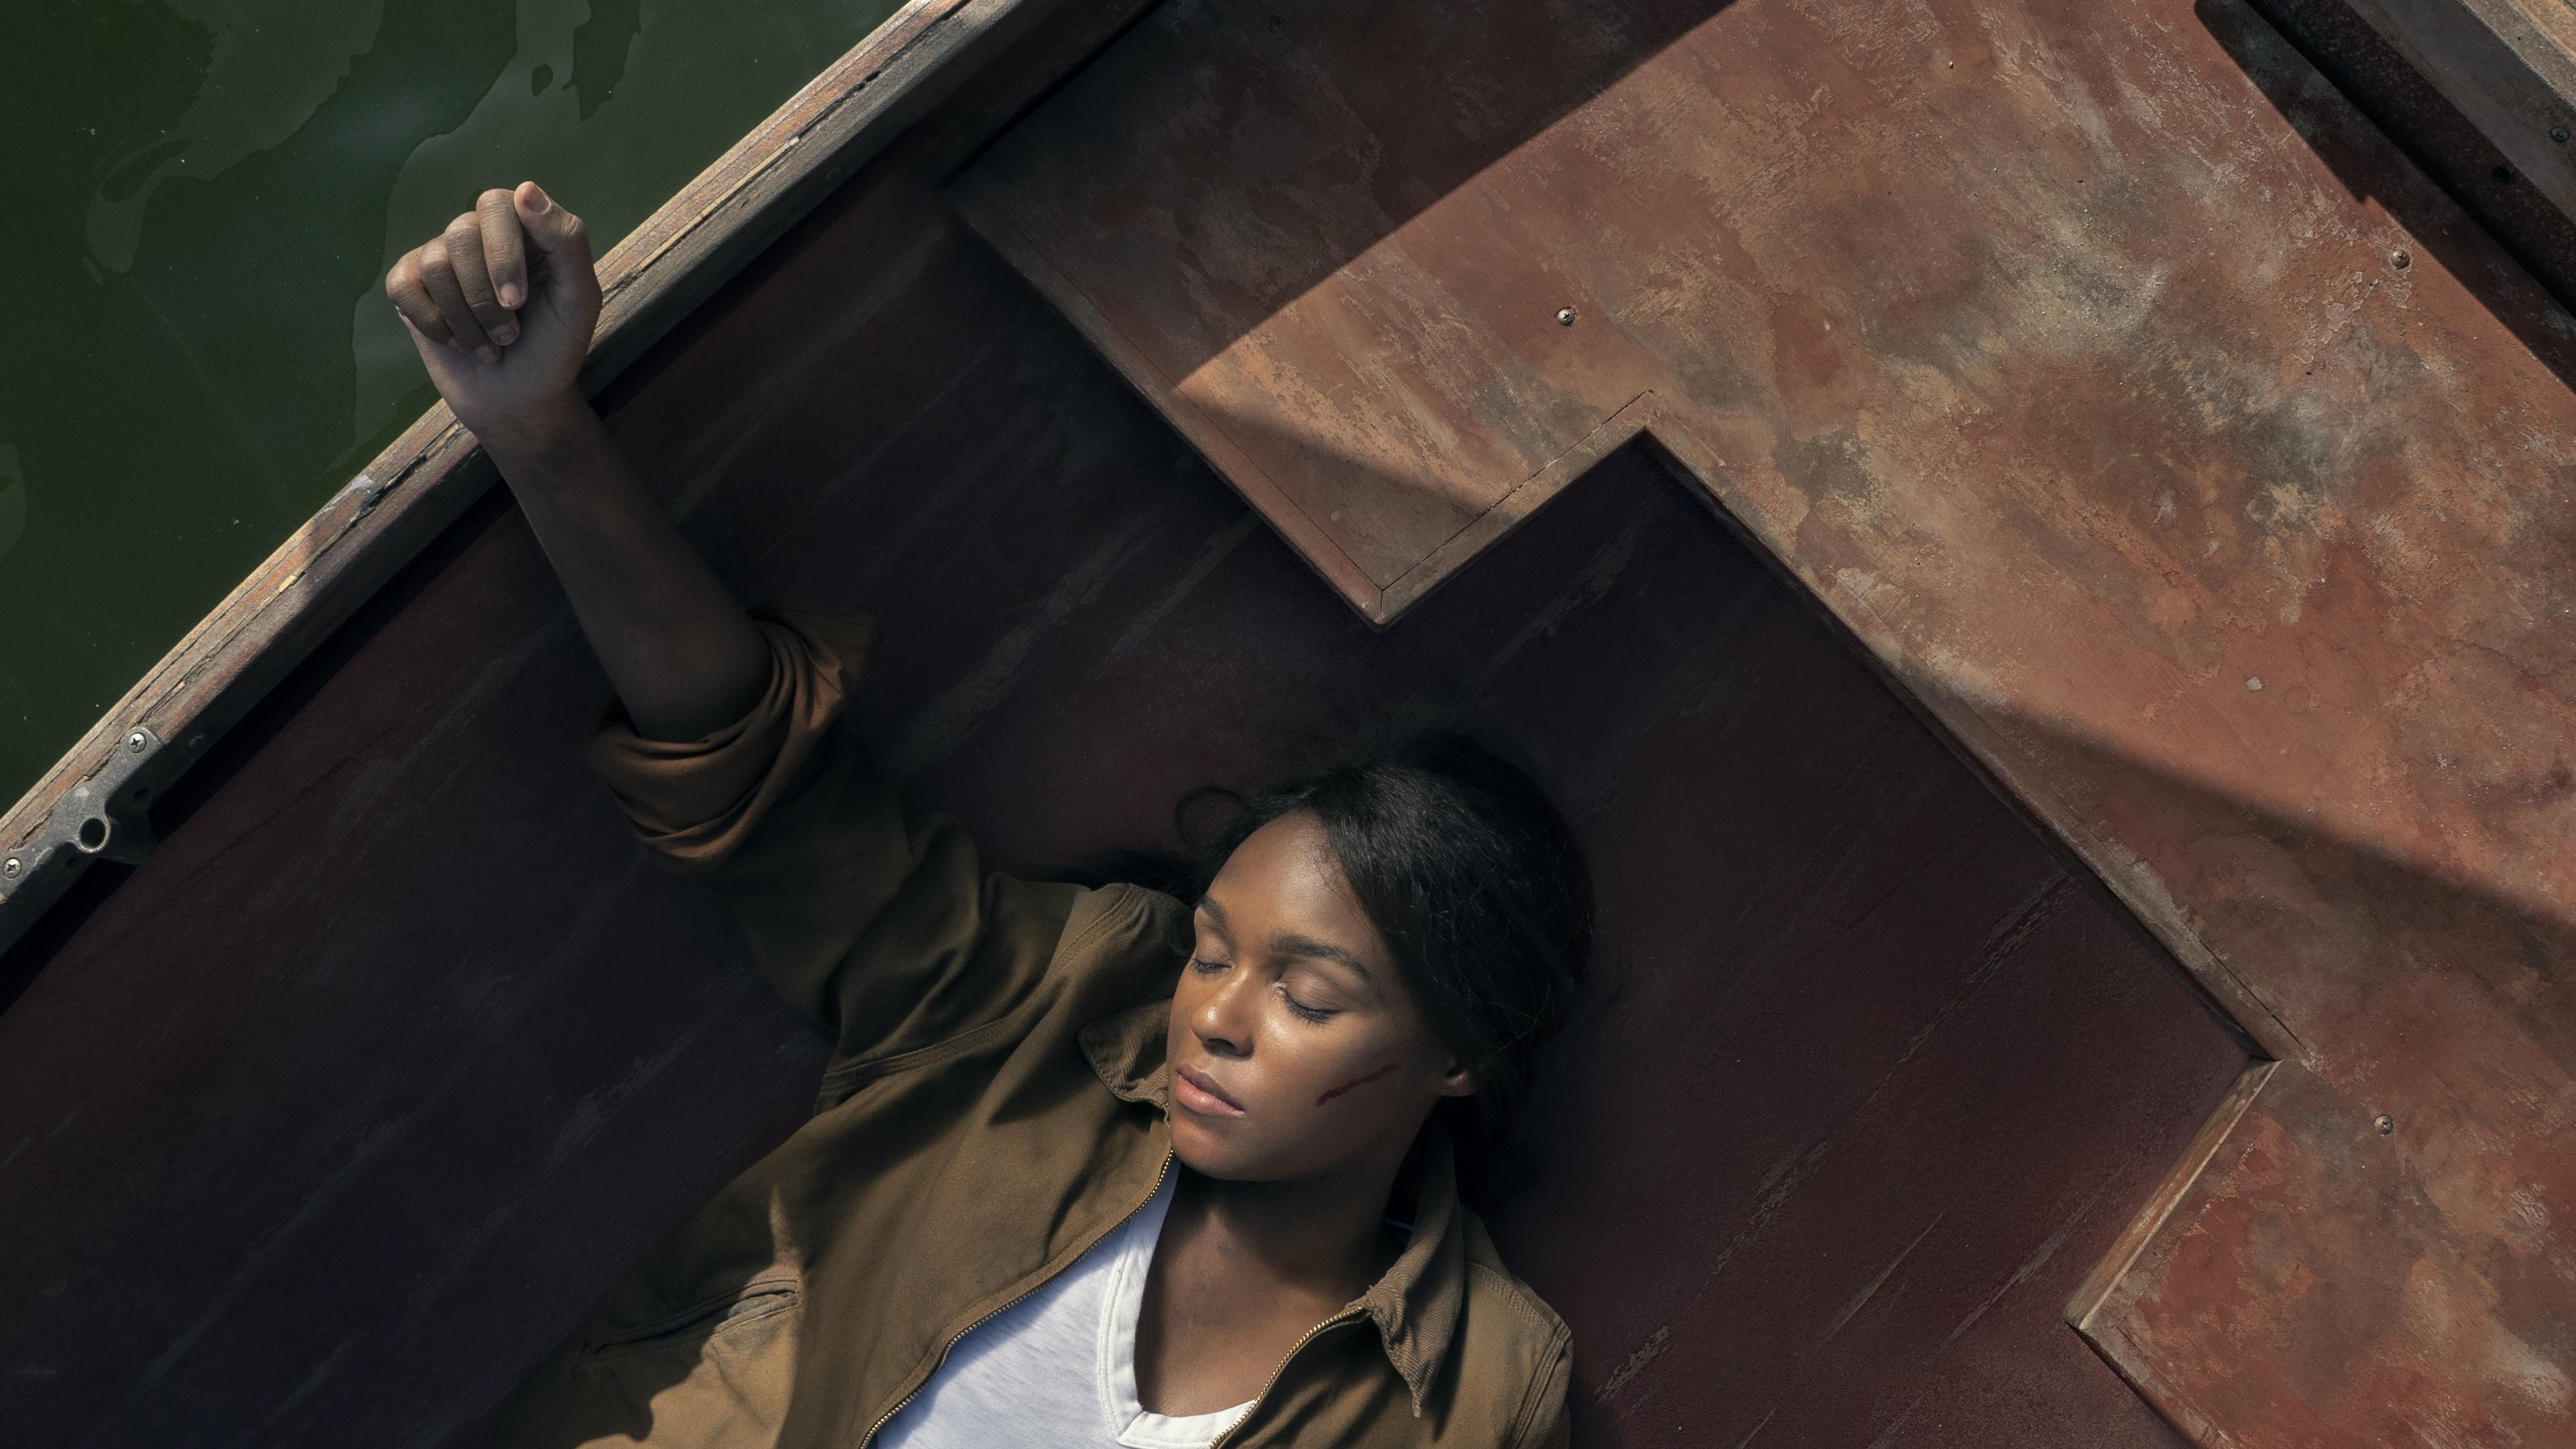 Janelle Monáe protagonizará a 2ª temporada de Homecoming, que estreia essa semana no Amazon Prime Video